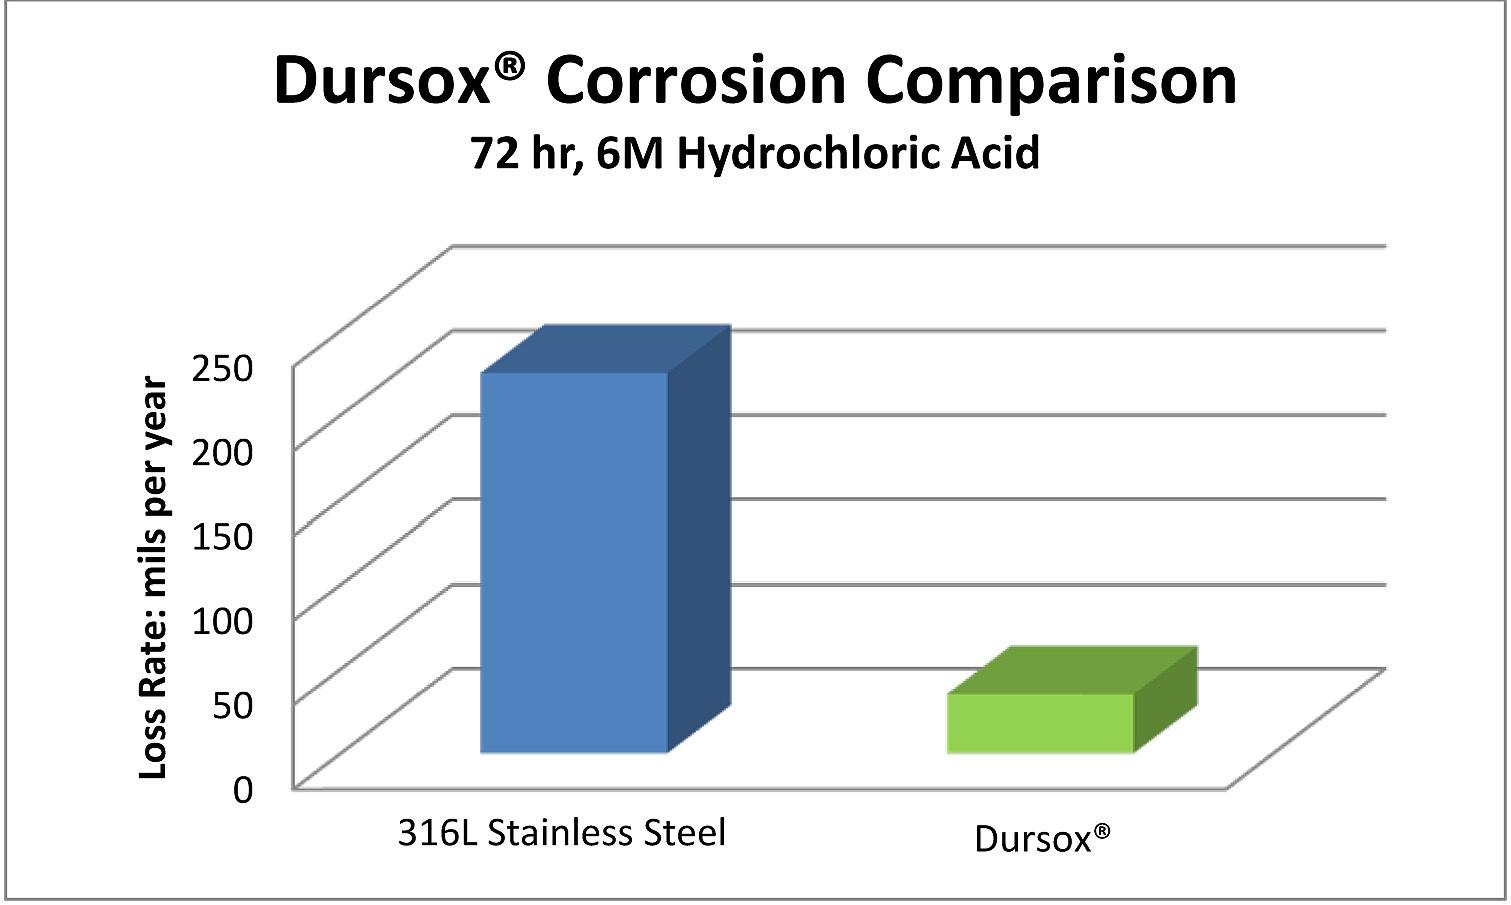 Dursox corrosion comparison 2 6 11 18